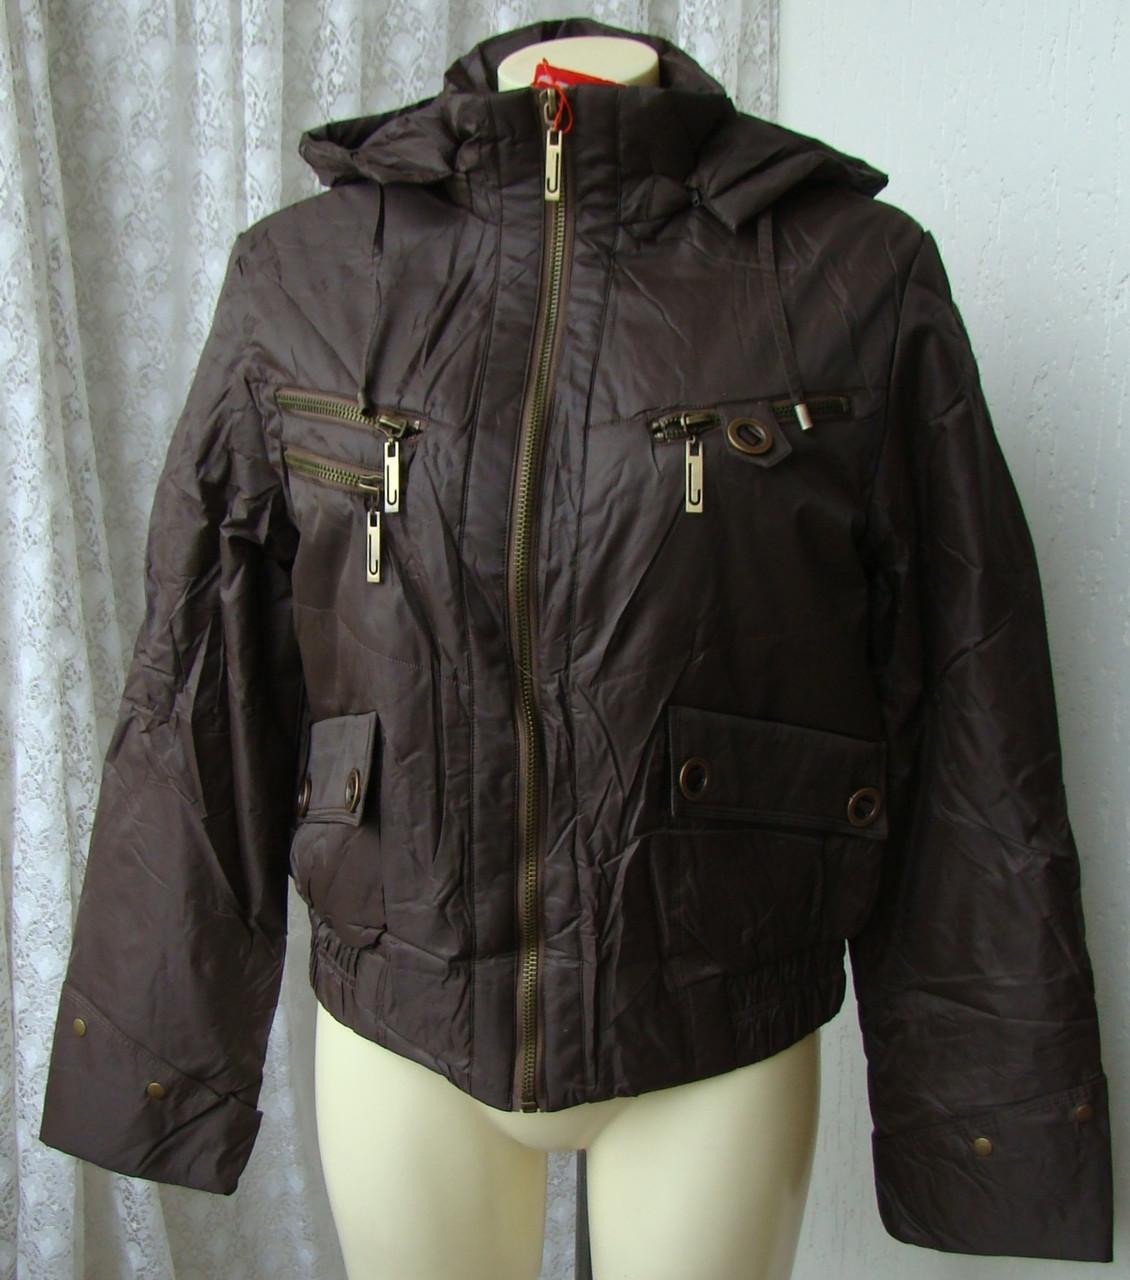 Куртка женская теплая демисезонная капюшон р.48 3889, фото 1